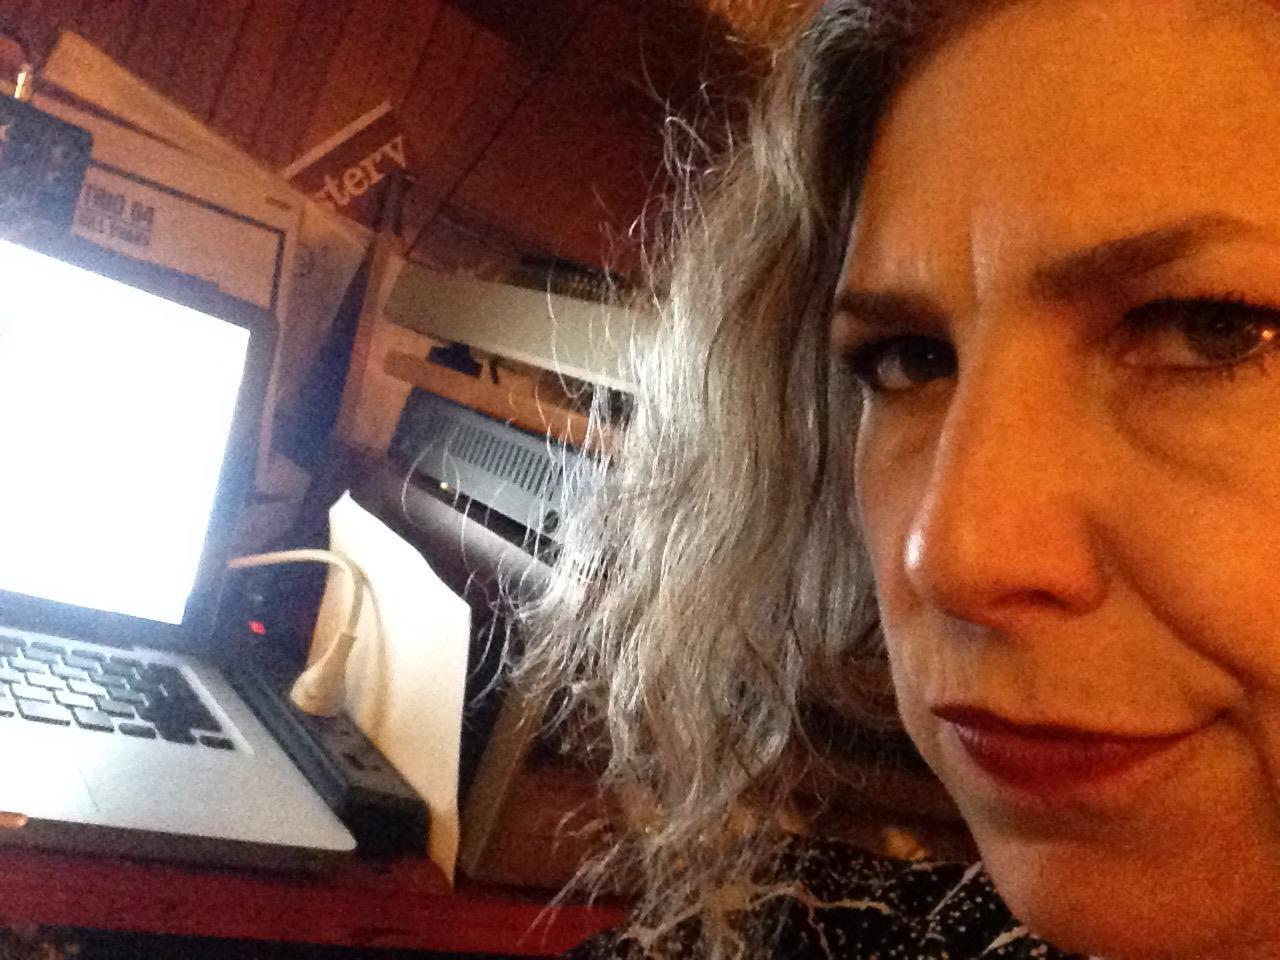 Selfie Rebekah Underhill naked (58 photos), Ass, Fappening, Boobs, braless 2006